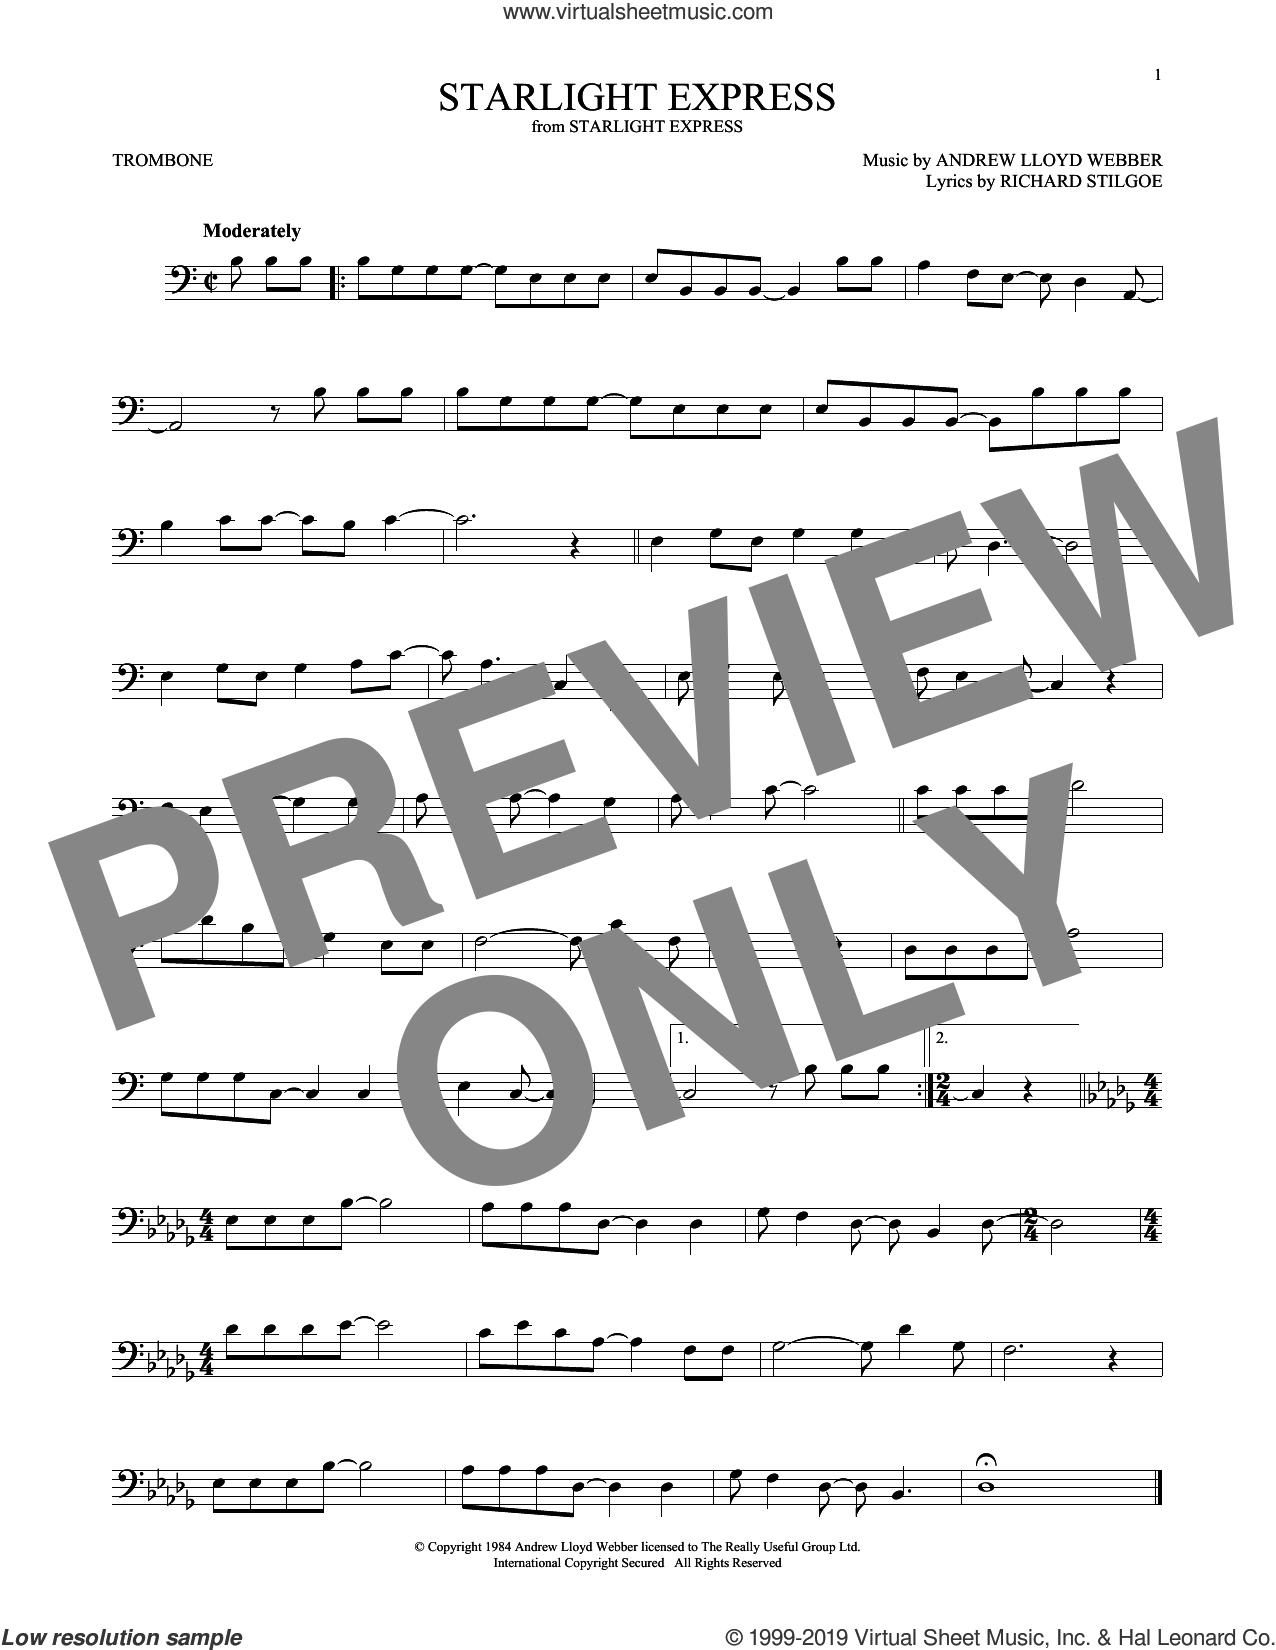 Starlight Express sheet music for trombone solo by Andrew Lloyd Webber and Richard Stilgoe, intermediate skill level